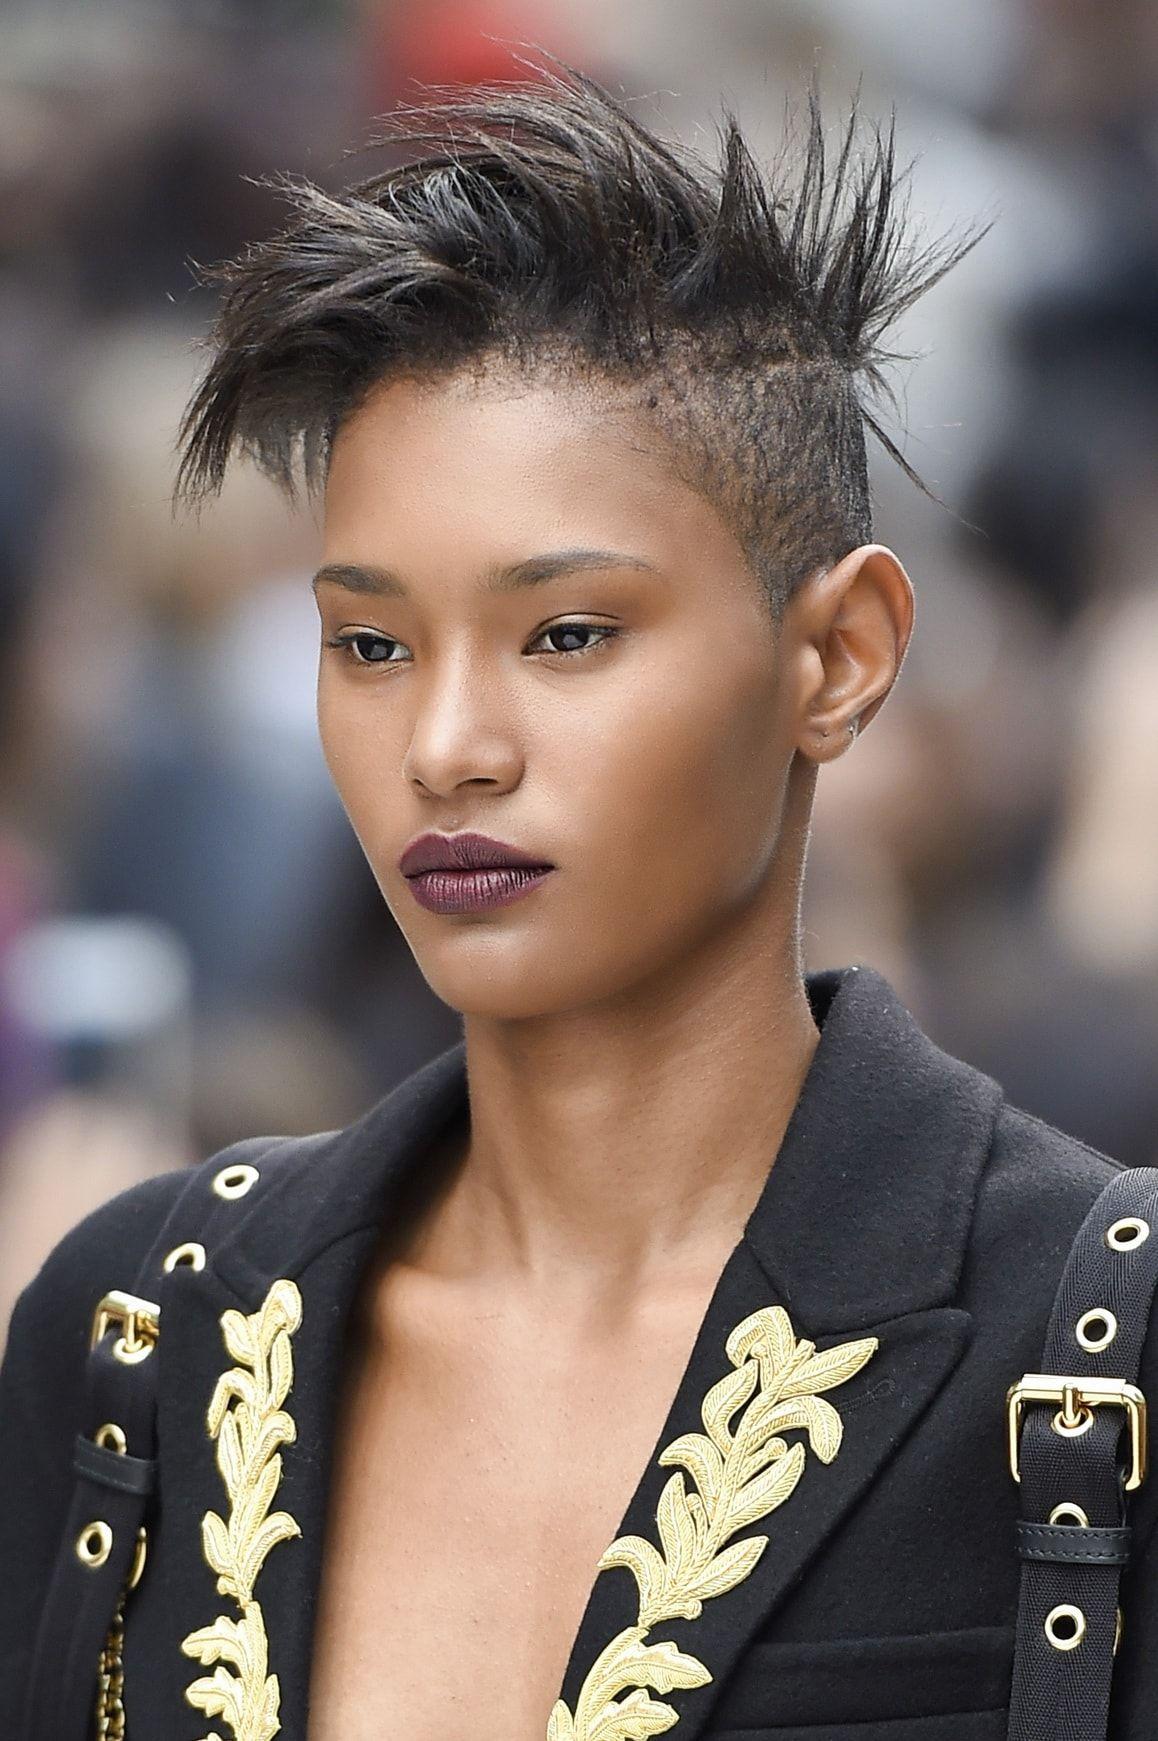 Coupe De Cheveux Femme Punk Rock Coiffures De Mode Moderne